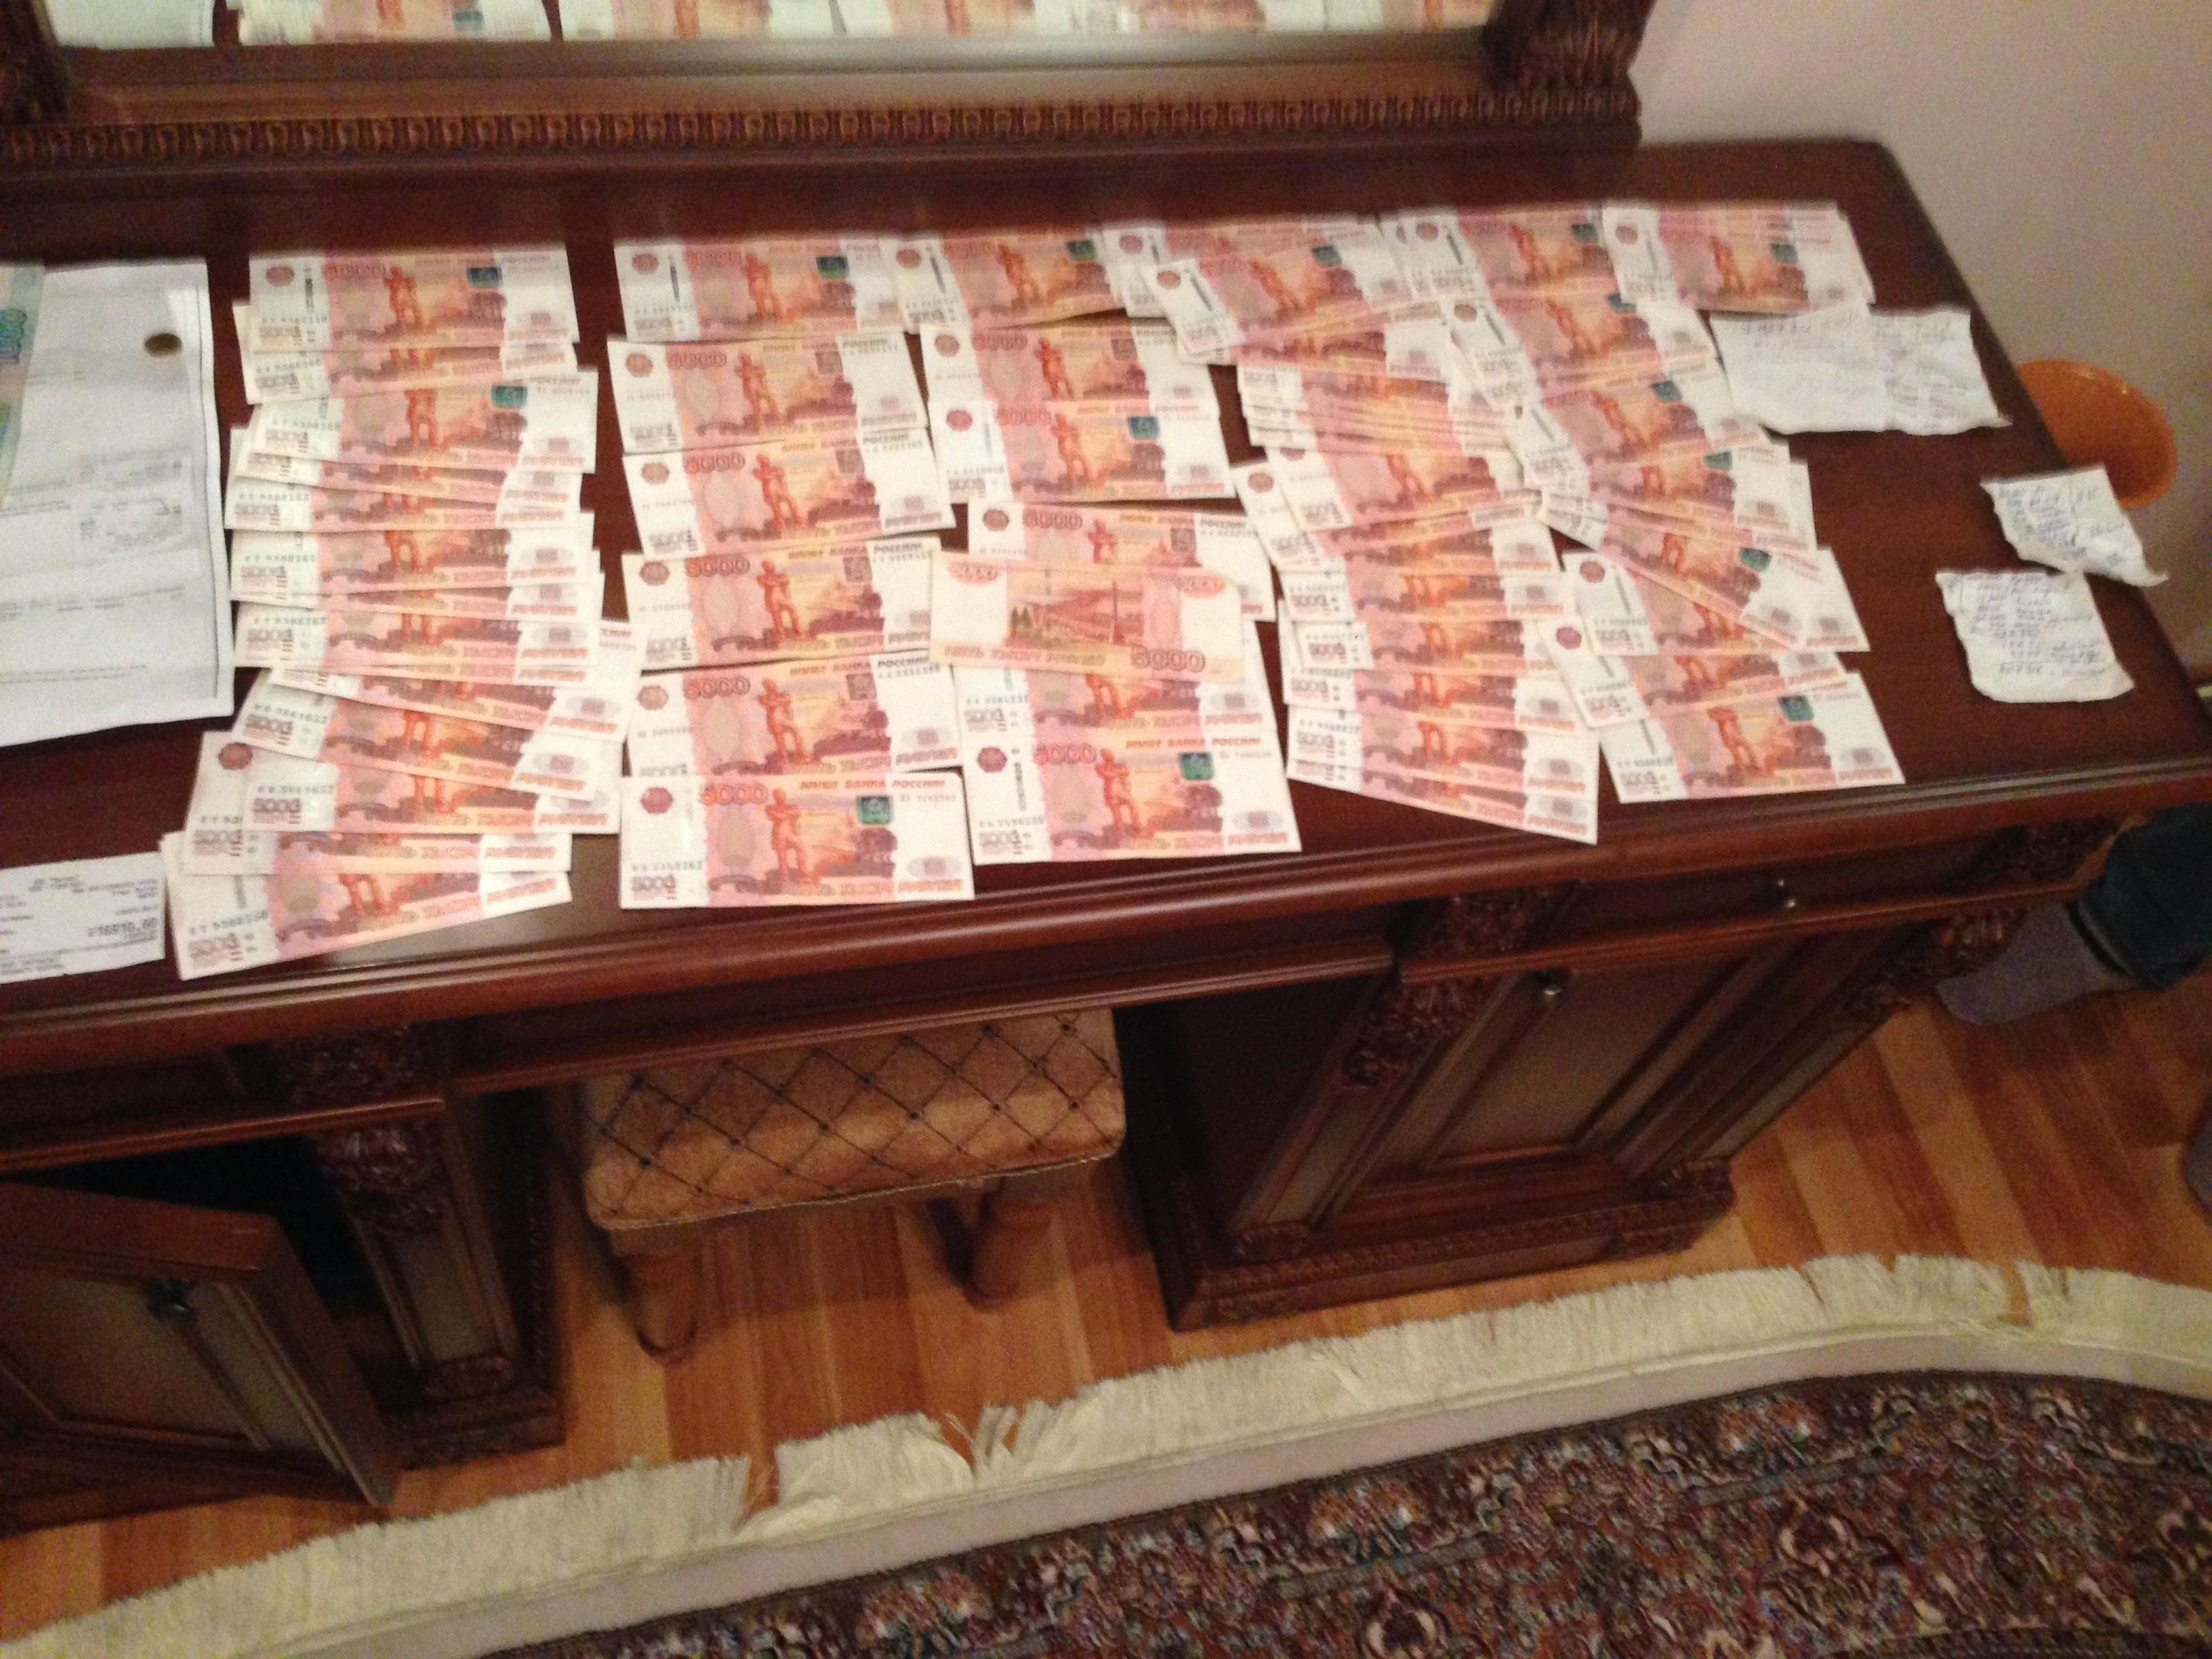 Вице-спикера Законодательного собрания Алсу Балакишиеву отлучат от ЕР: подробности громкого уголовного дела